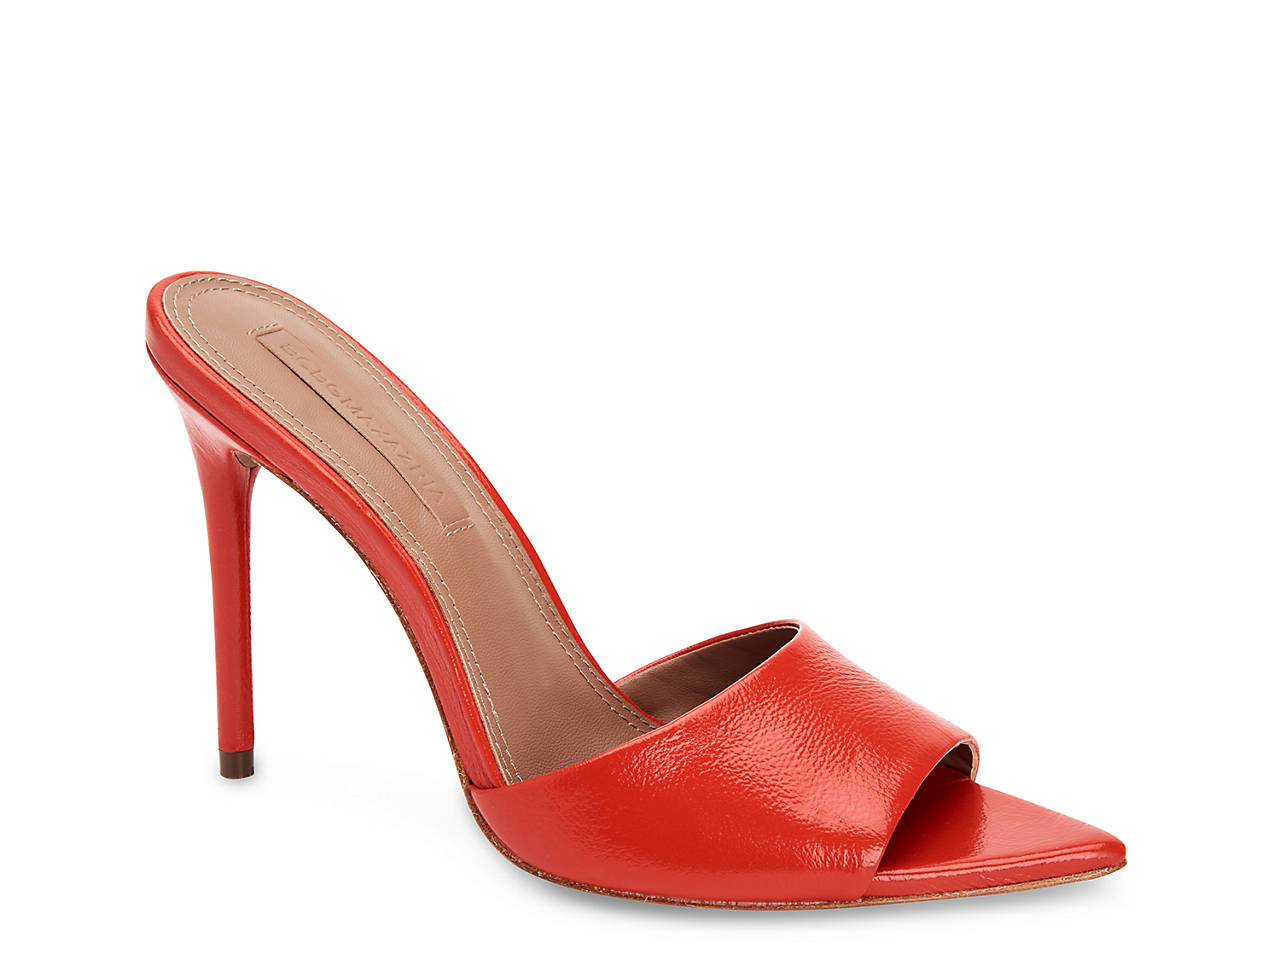 b81acfafa BCBGMaxazria Dana Sandal Women s Shoes